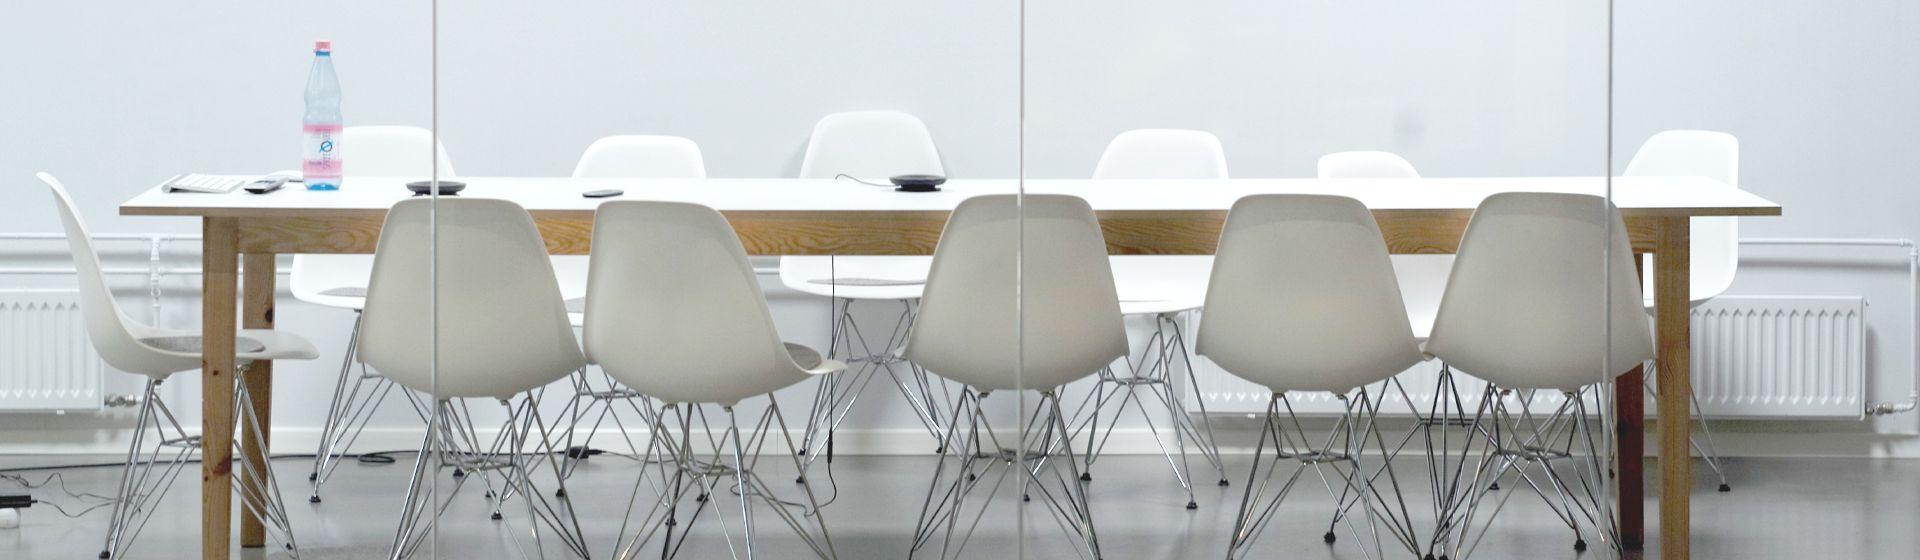 Beteiligung von Großunternehmen an Mittelstandskartellen